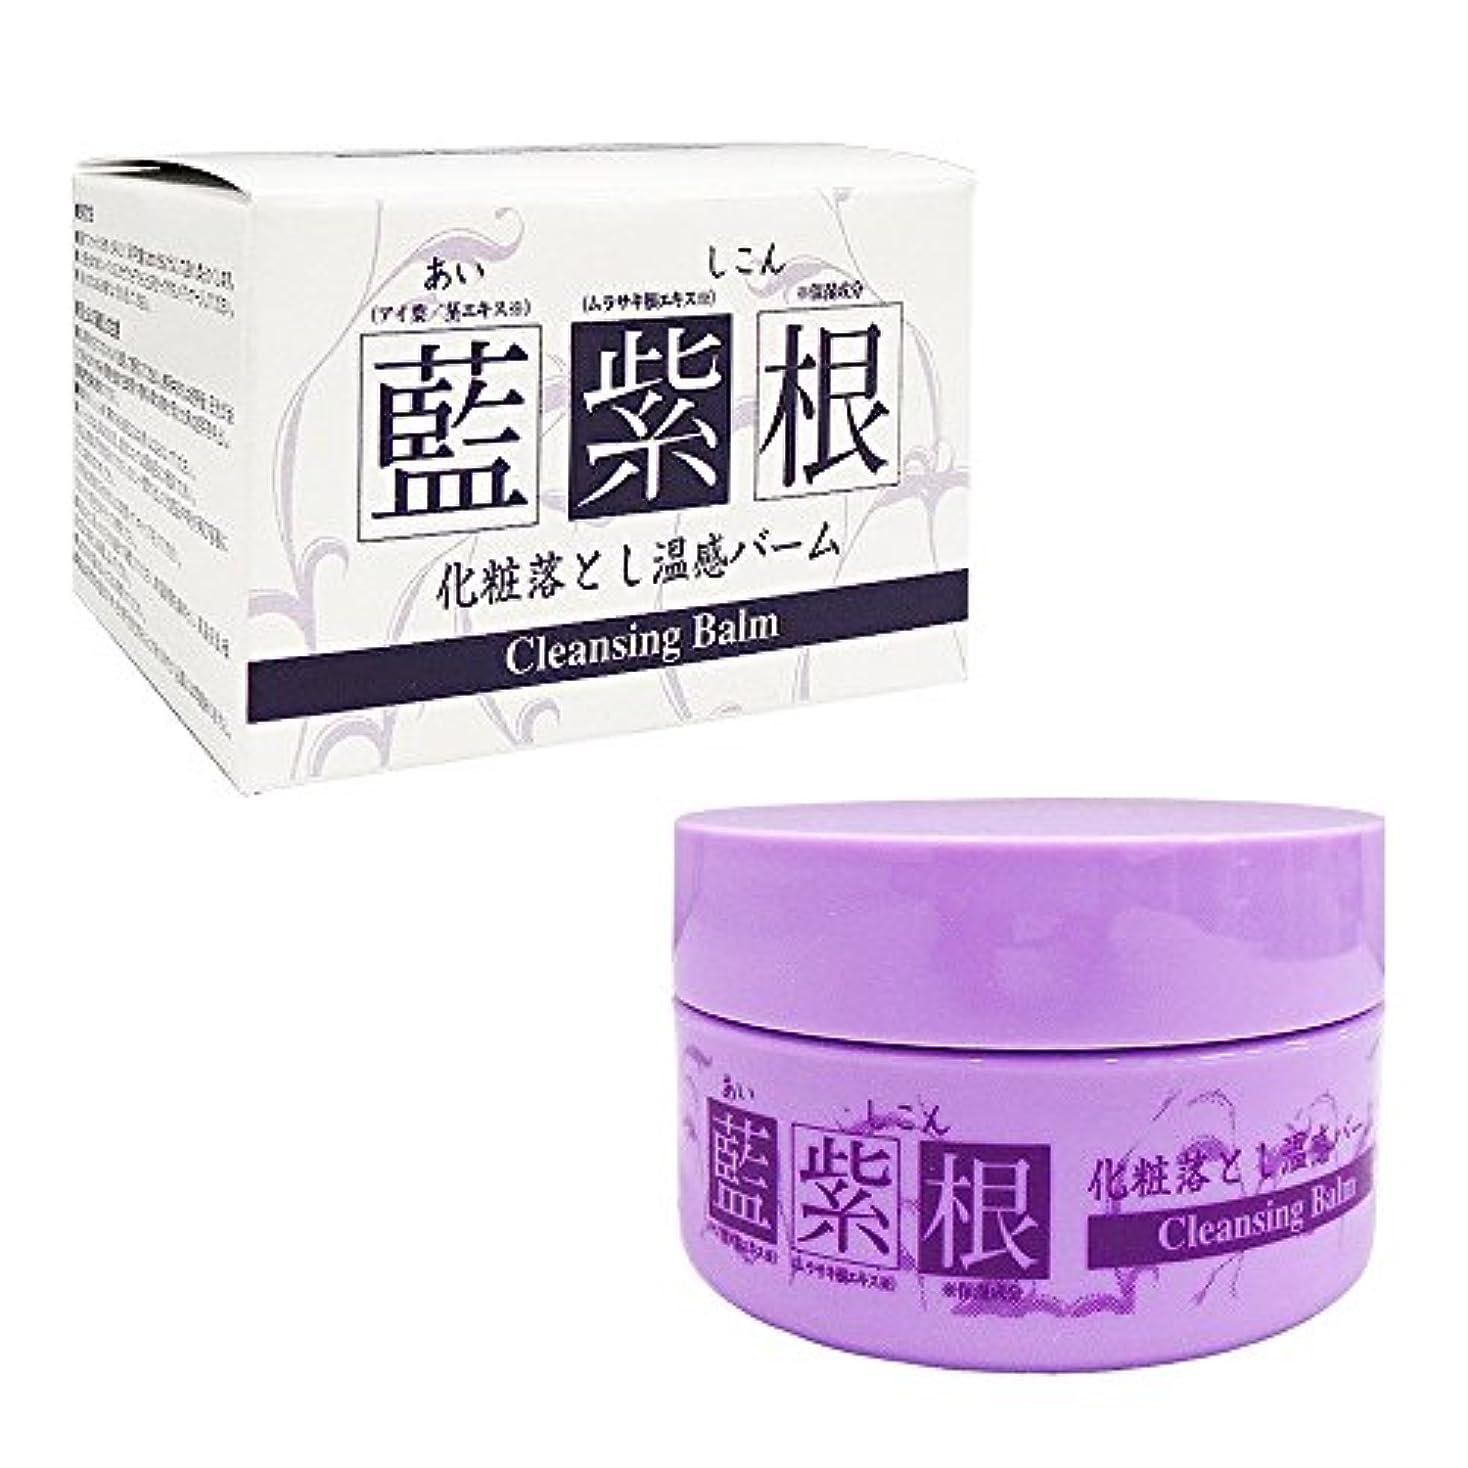 麻酔薬ホステスカートリッジシェモア 藍と紫根の化粧落とし温感バーム 100g